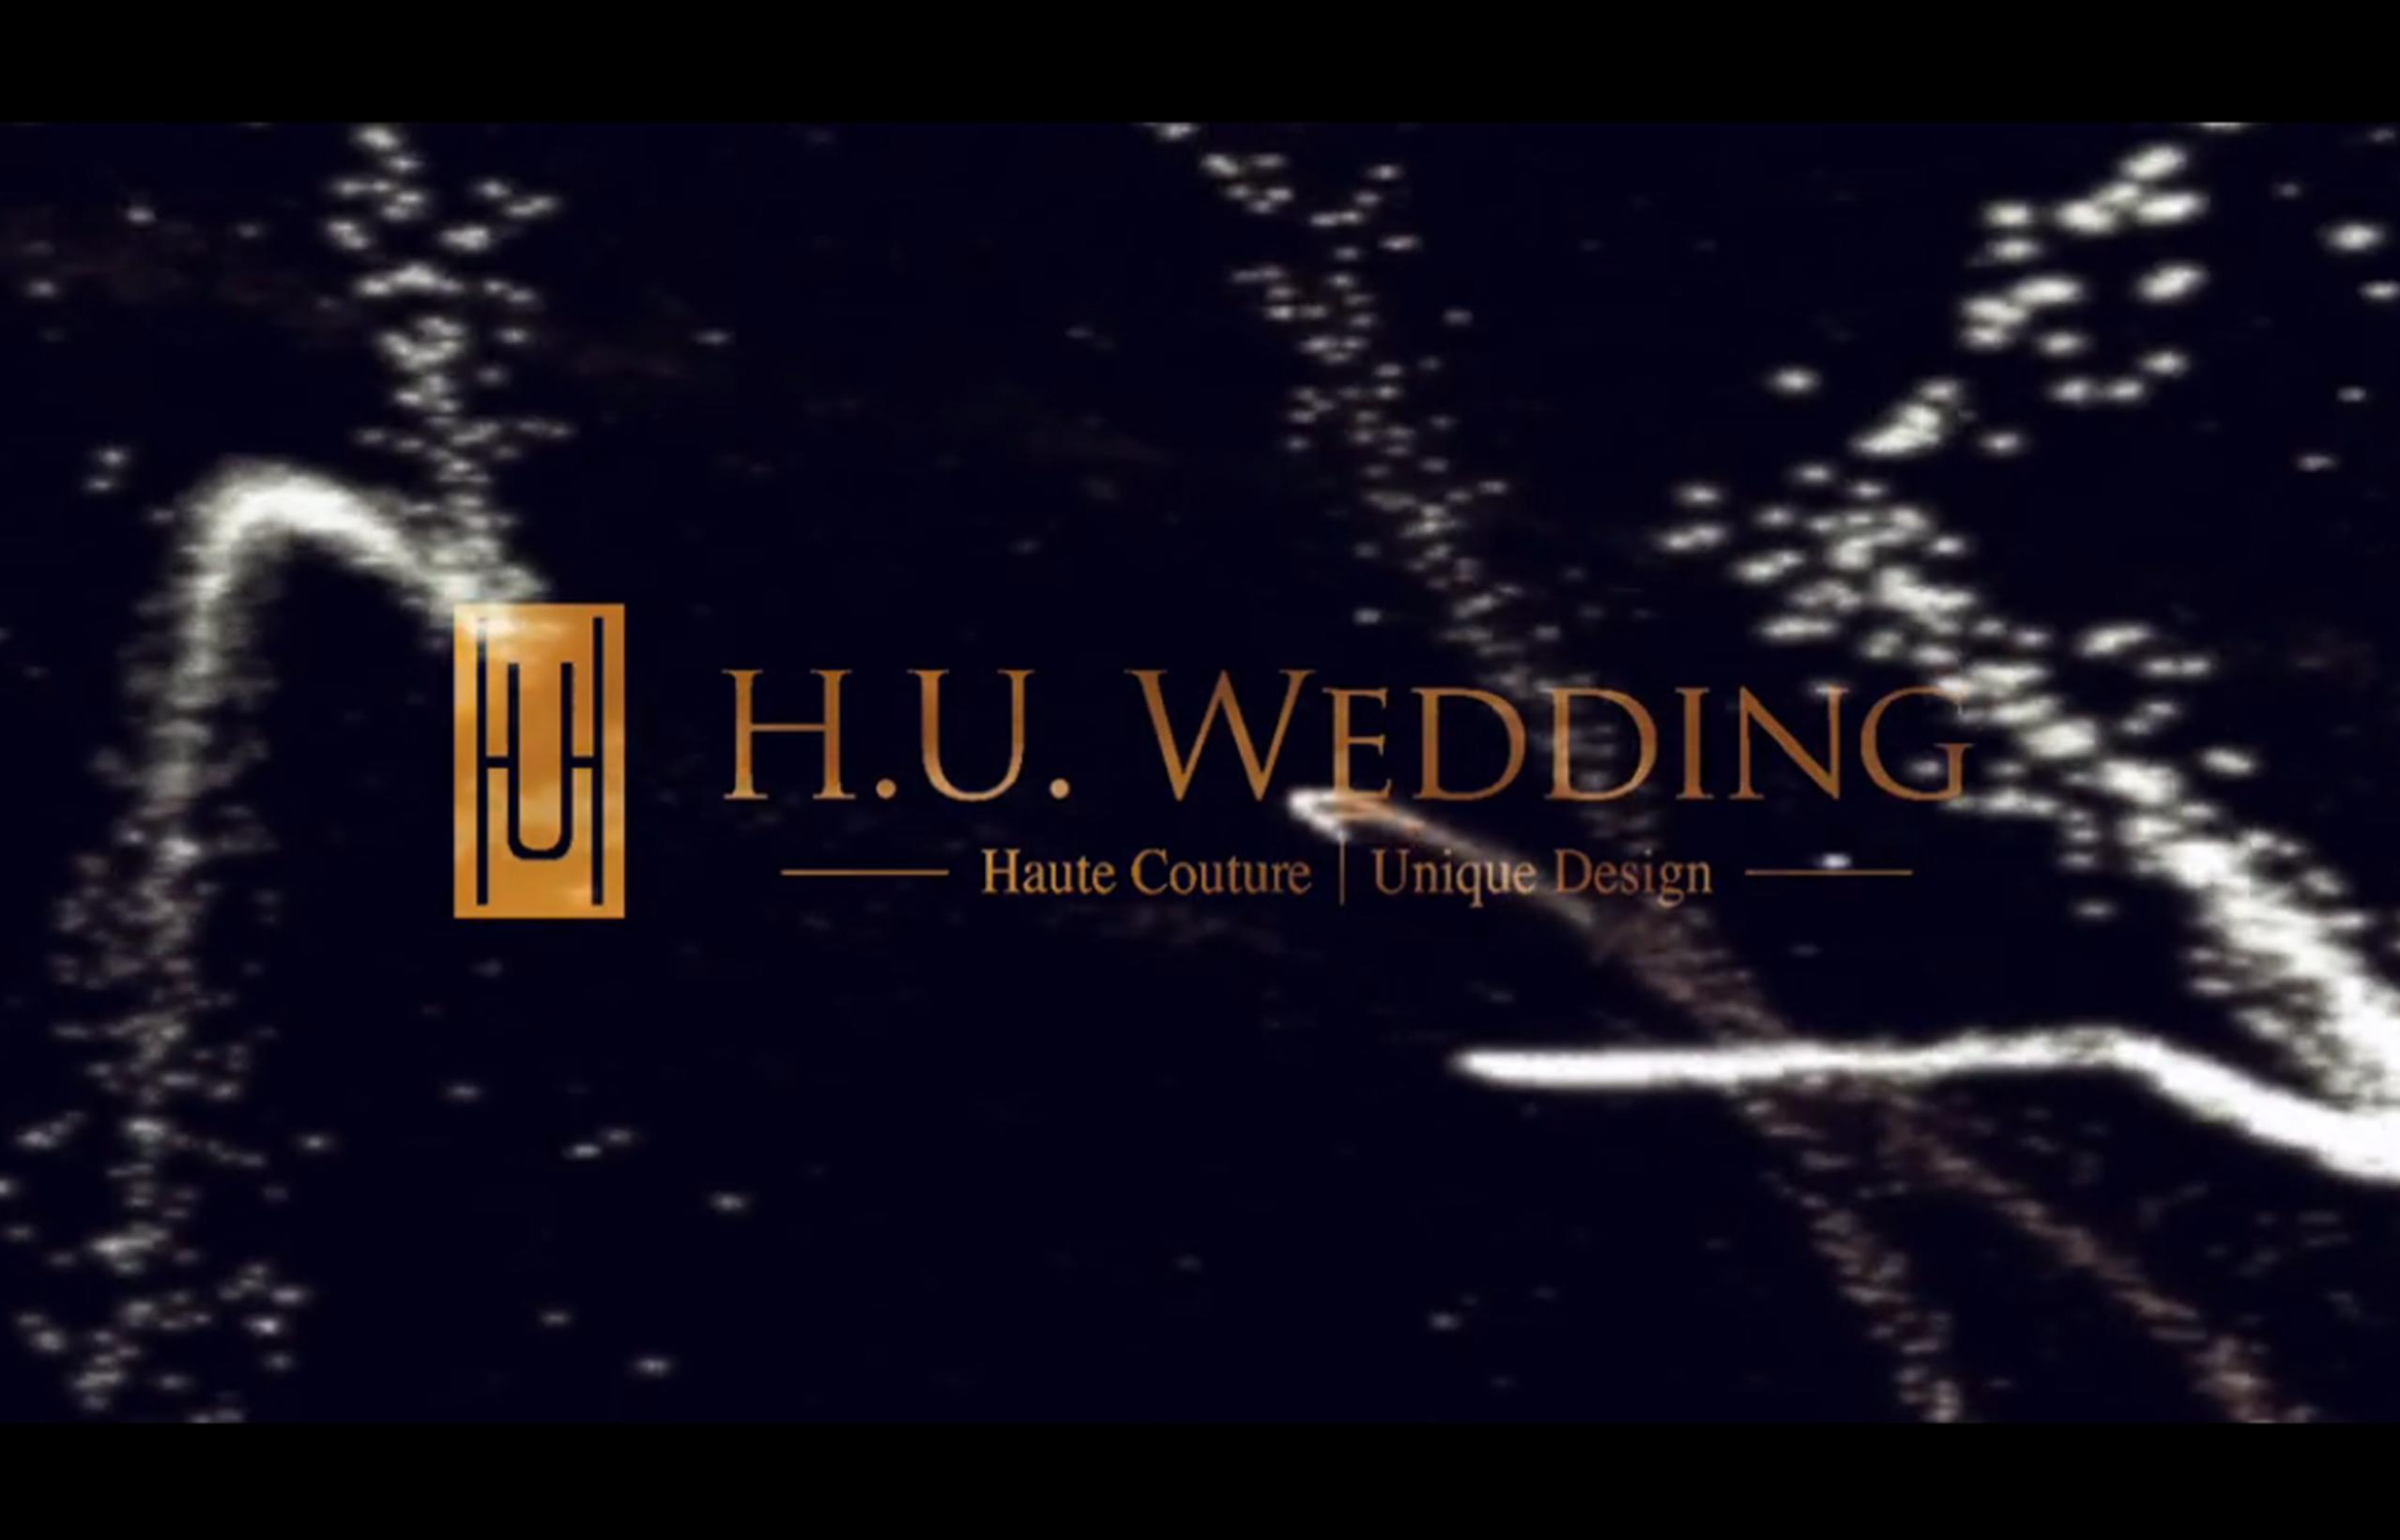 H.U. WEDDING1